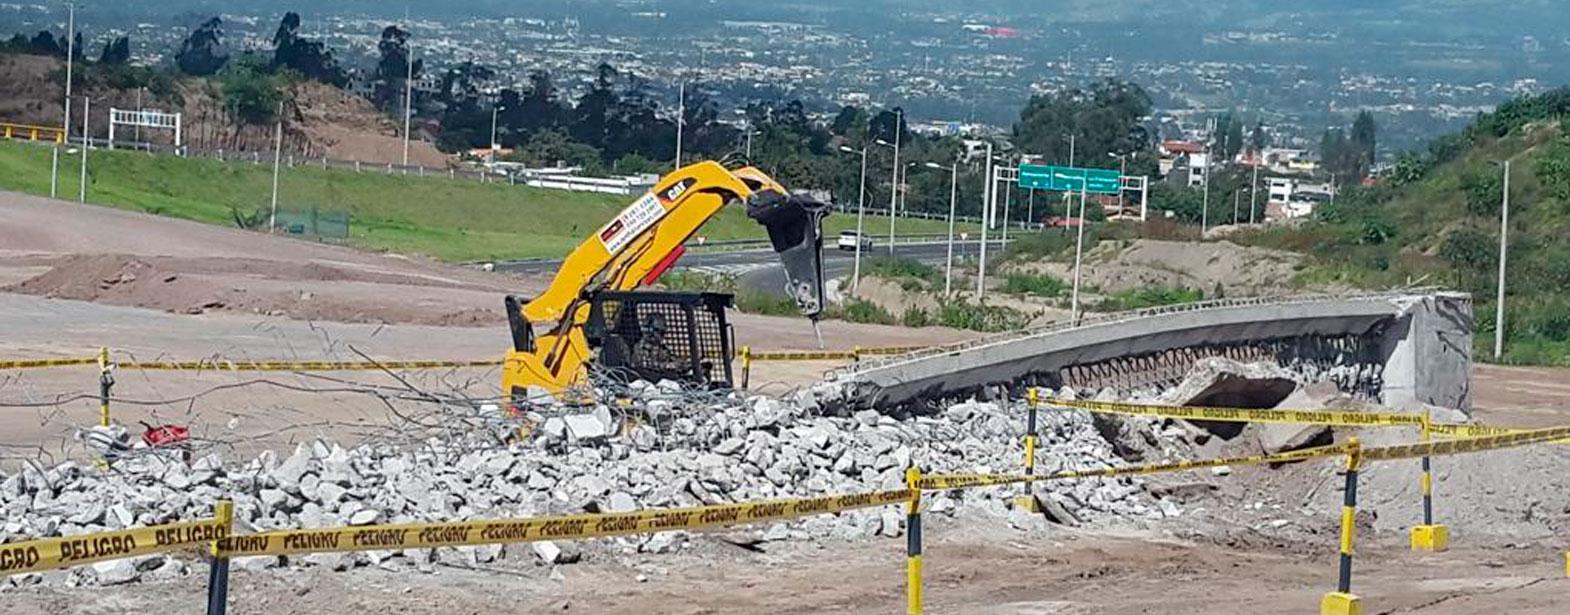 Alquiler de maquinaria y servicios para la construcci n for Servicios de construccion